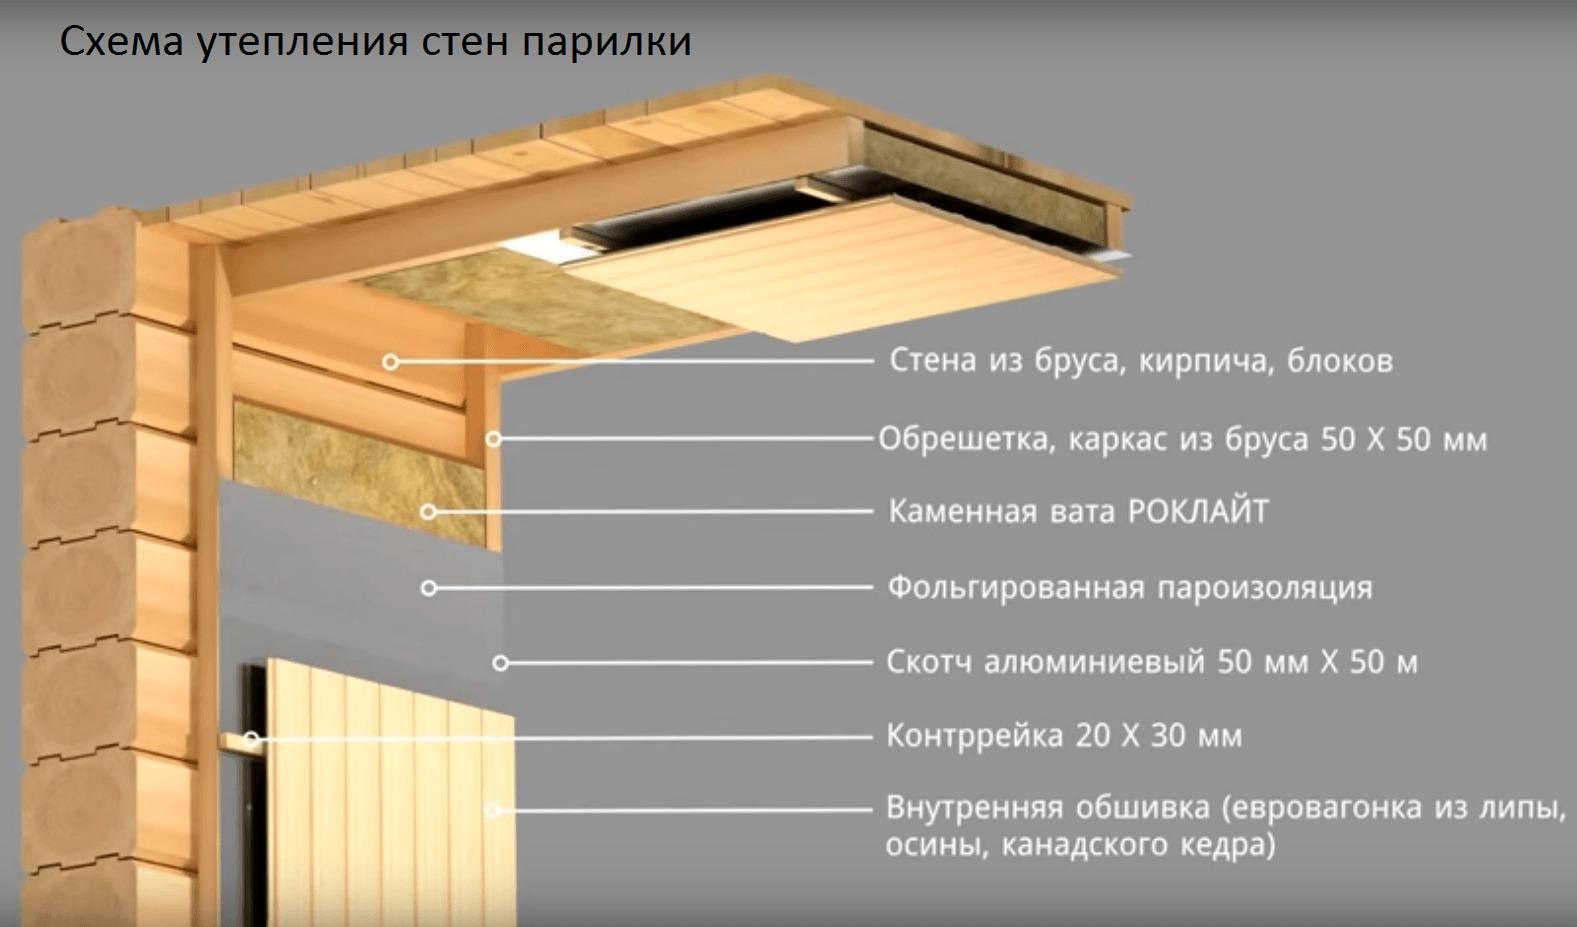 Утепление бани изнутри своими руками пошаговая инструкция